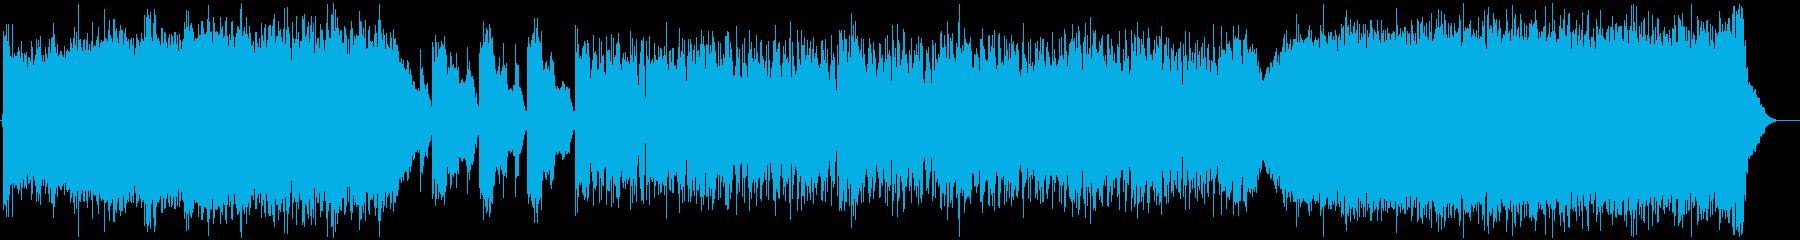 サイバーパンクな世界のテーマの再生済みの波形